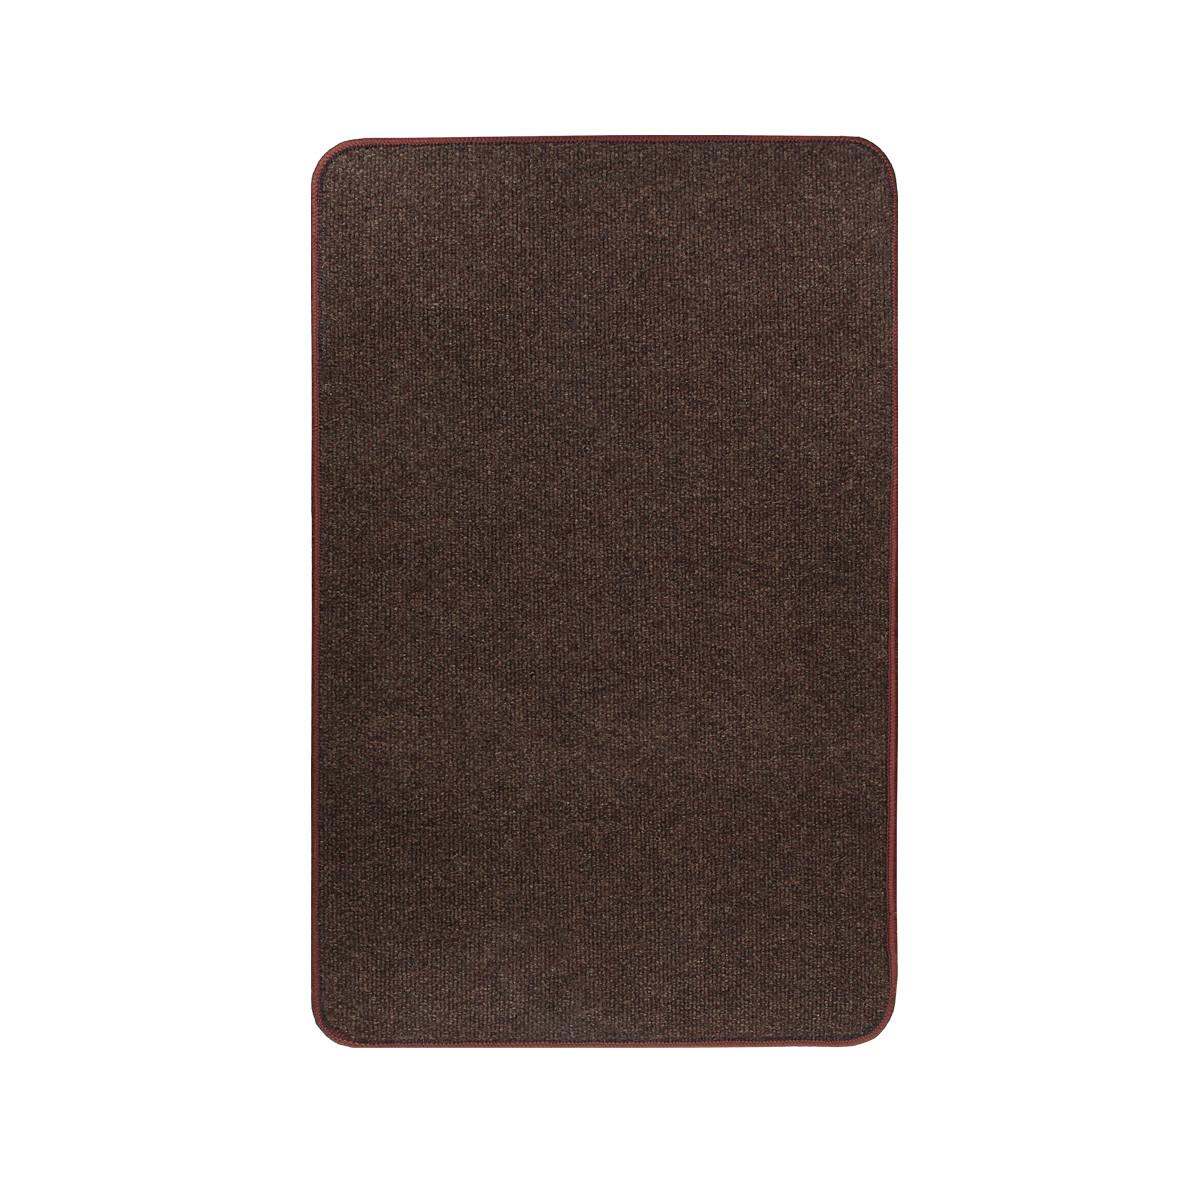 Электрический коврик с подогревом Теплик с термоизоляцией 50 х 100 см Темно-коричневый